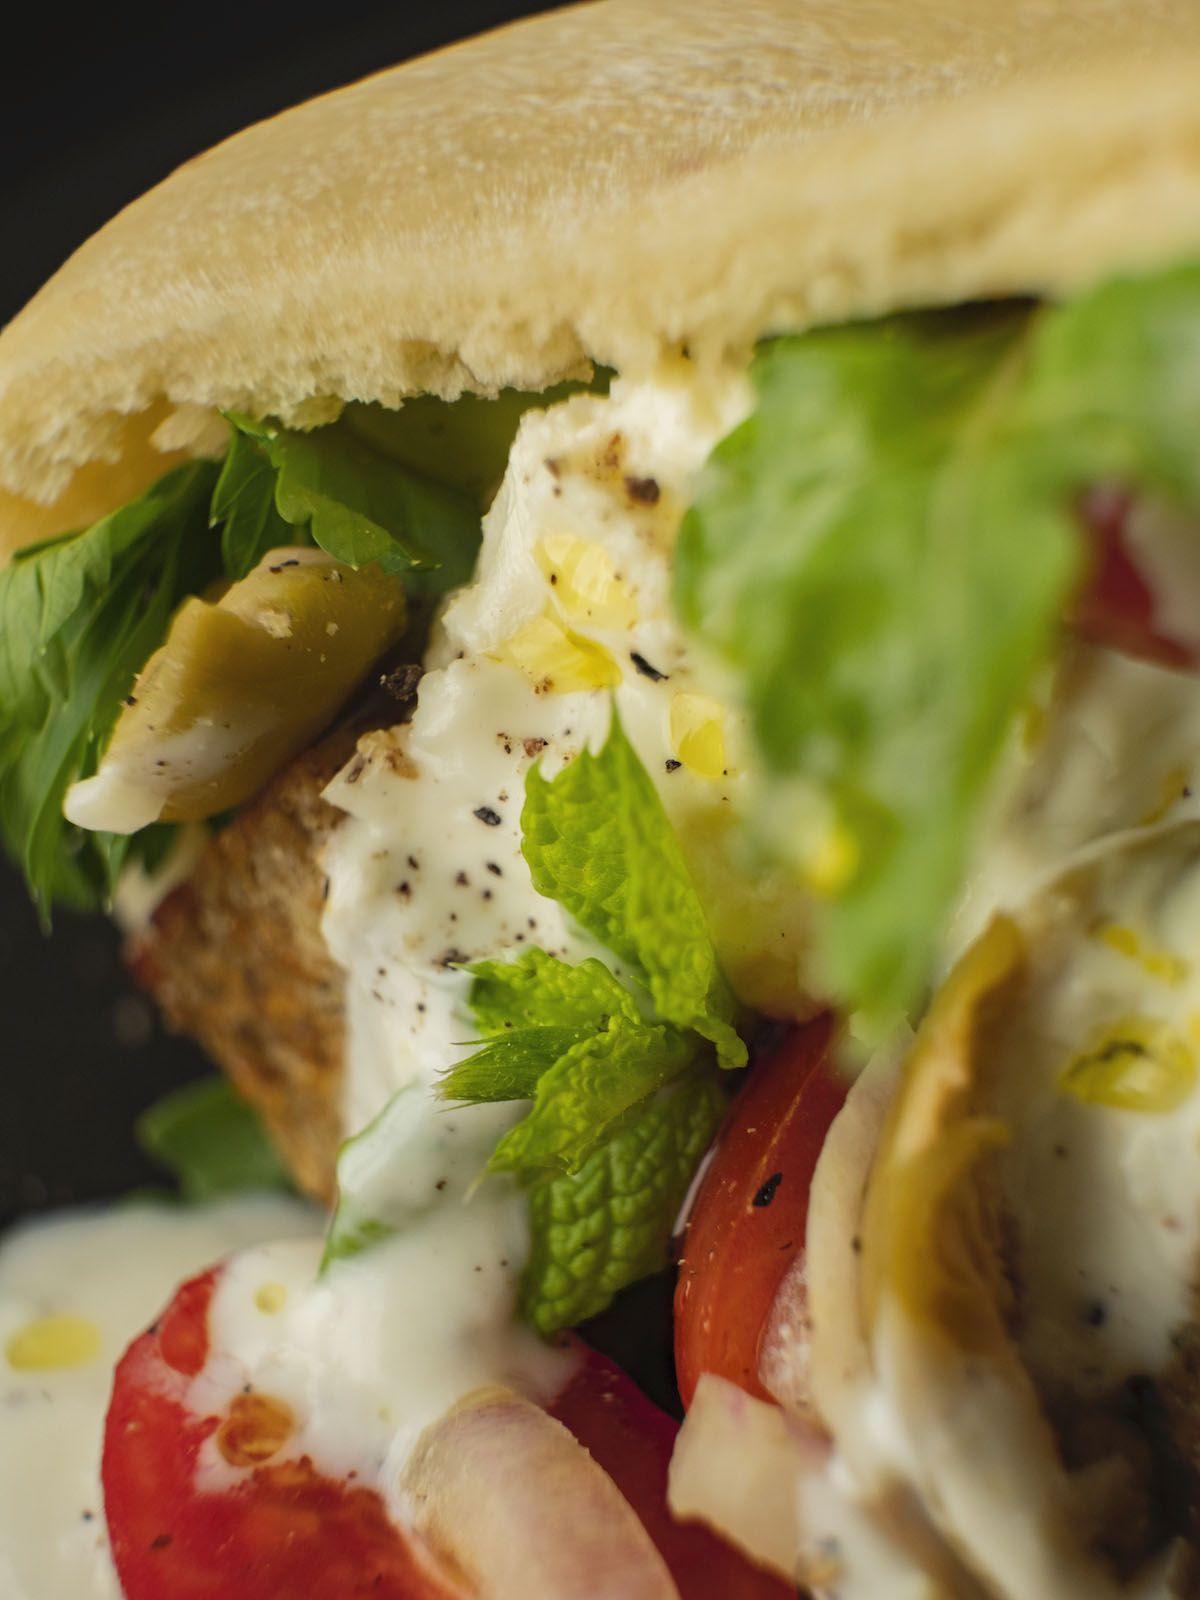 Foodblog, About Fuel, Rezept, Bold Foods The big R Knusperwürfel im Pitabrot mit griechischem Salat, Ruccola und Joghurt-Zitronen-Soße, Minze, Ruccola, Pfeffer, Tomate